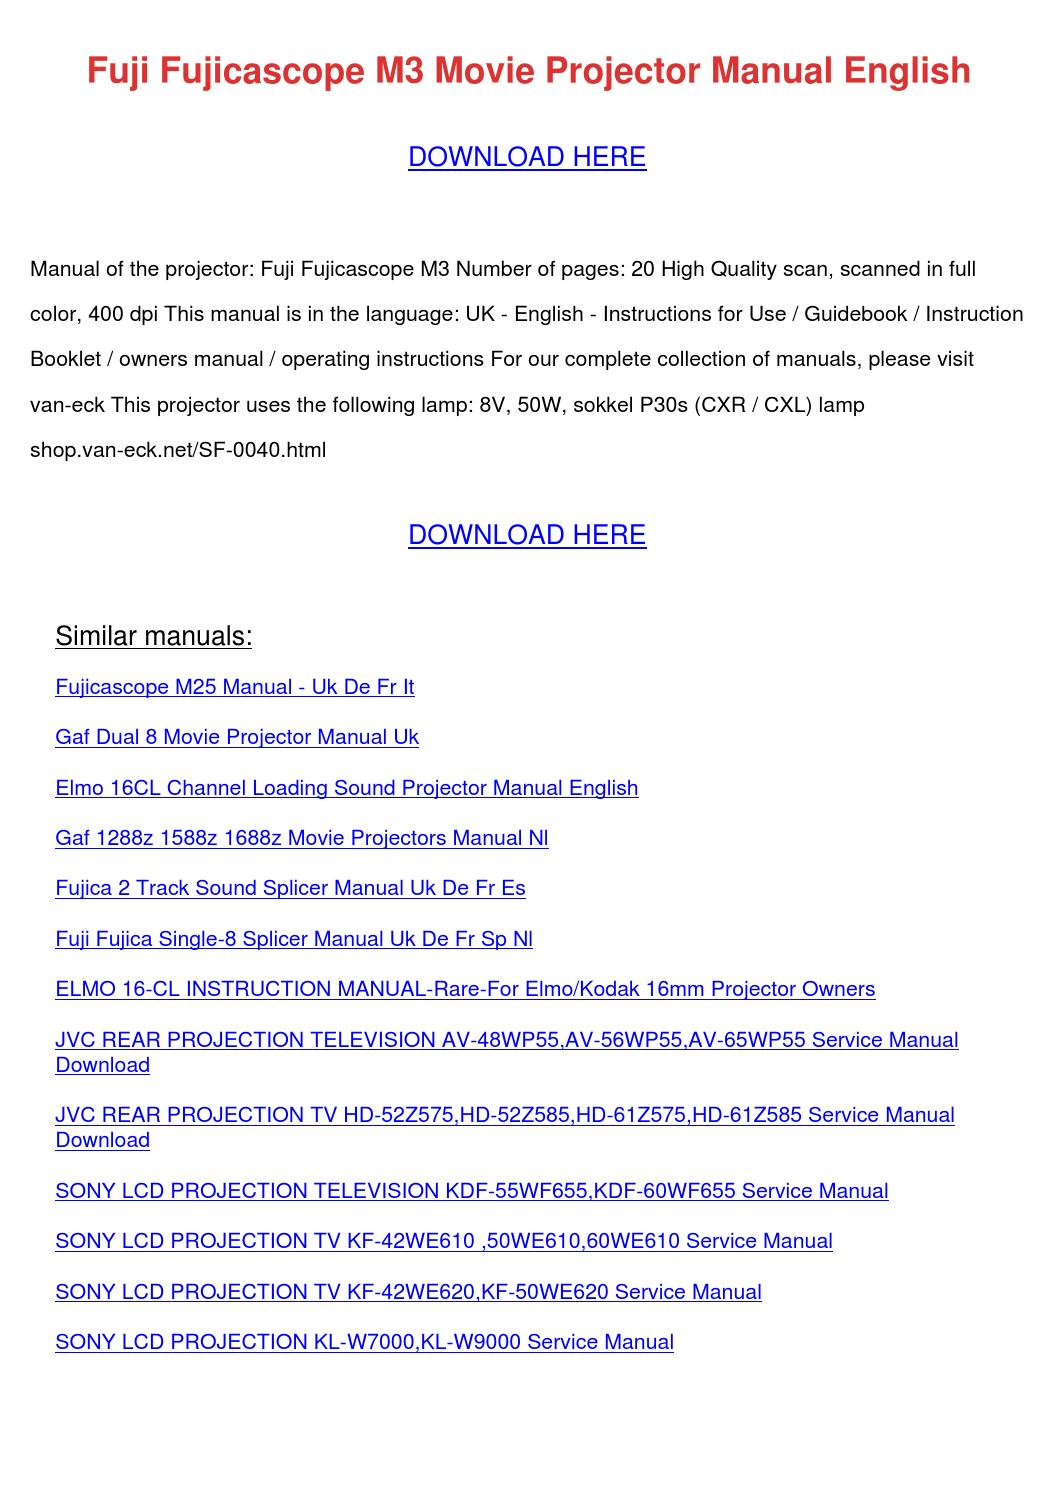 Fuji Fujicascope M3 Movie Projector Manual En by LuzHorning - issuu